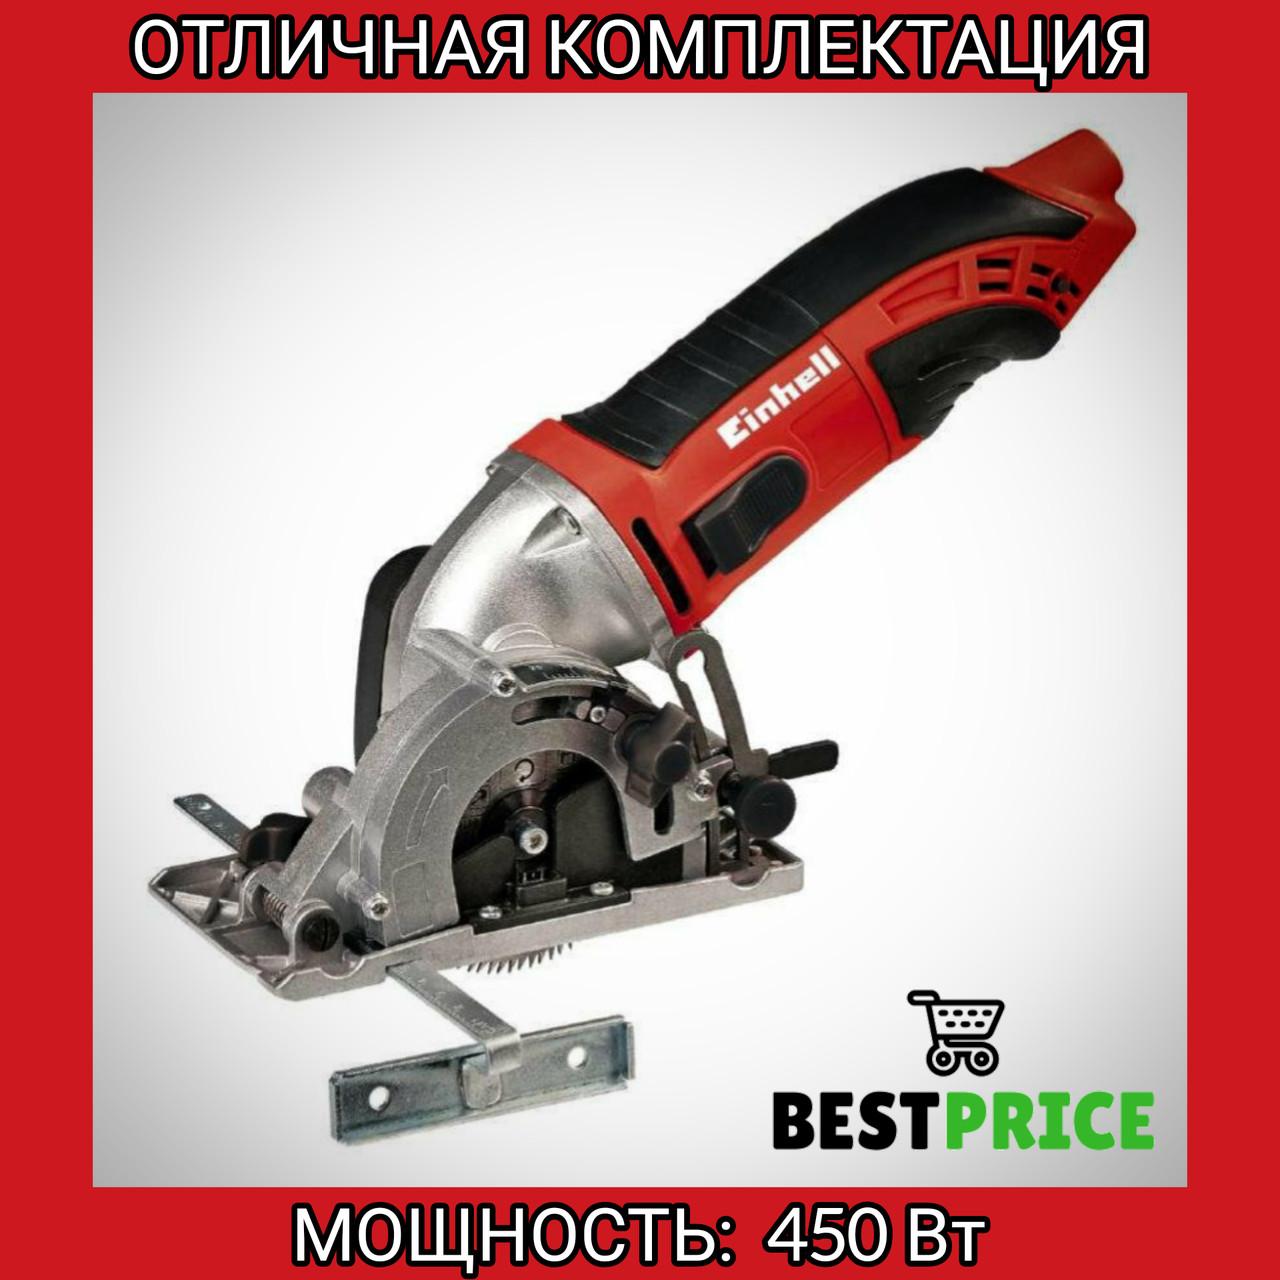 Пила циркулярная Einhell - TC-CS 860/1 Kit Classic